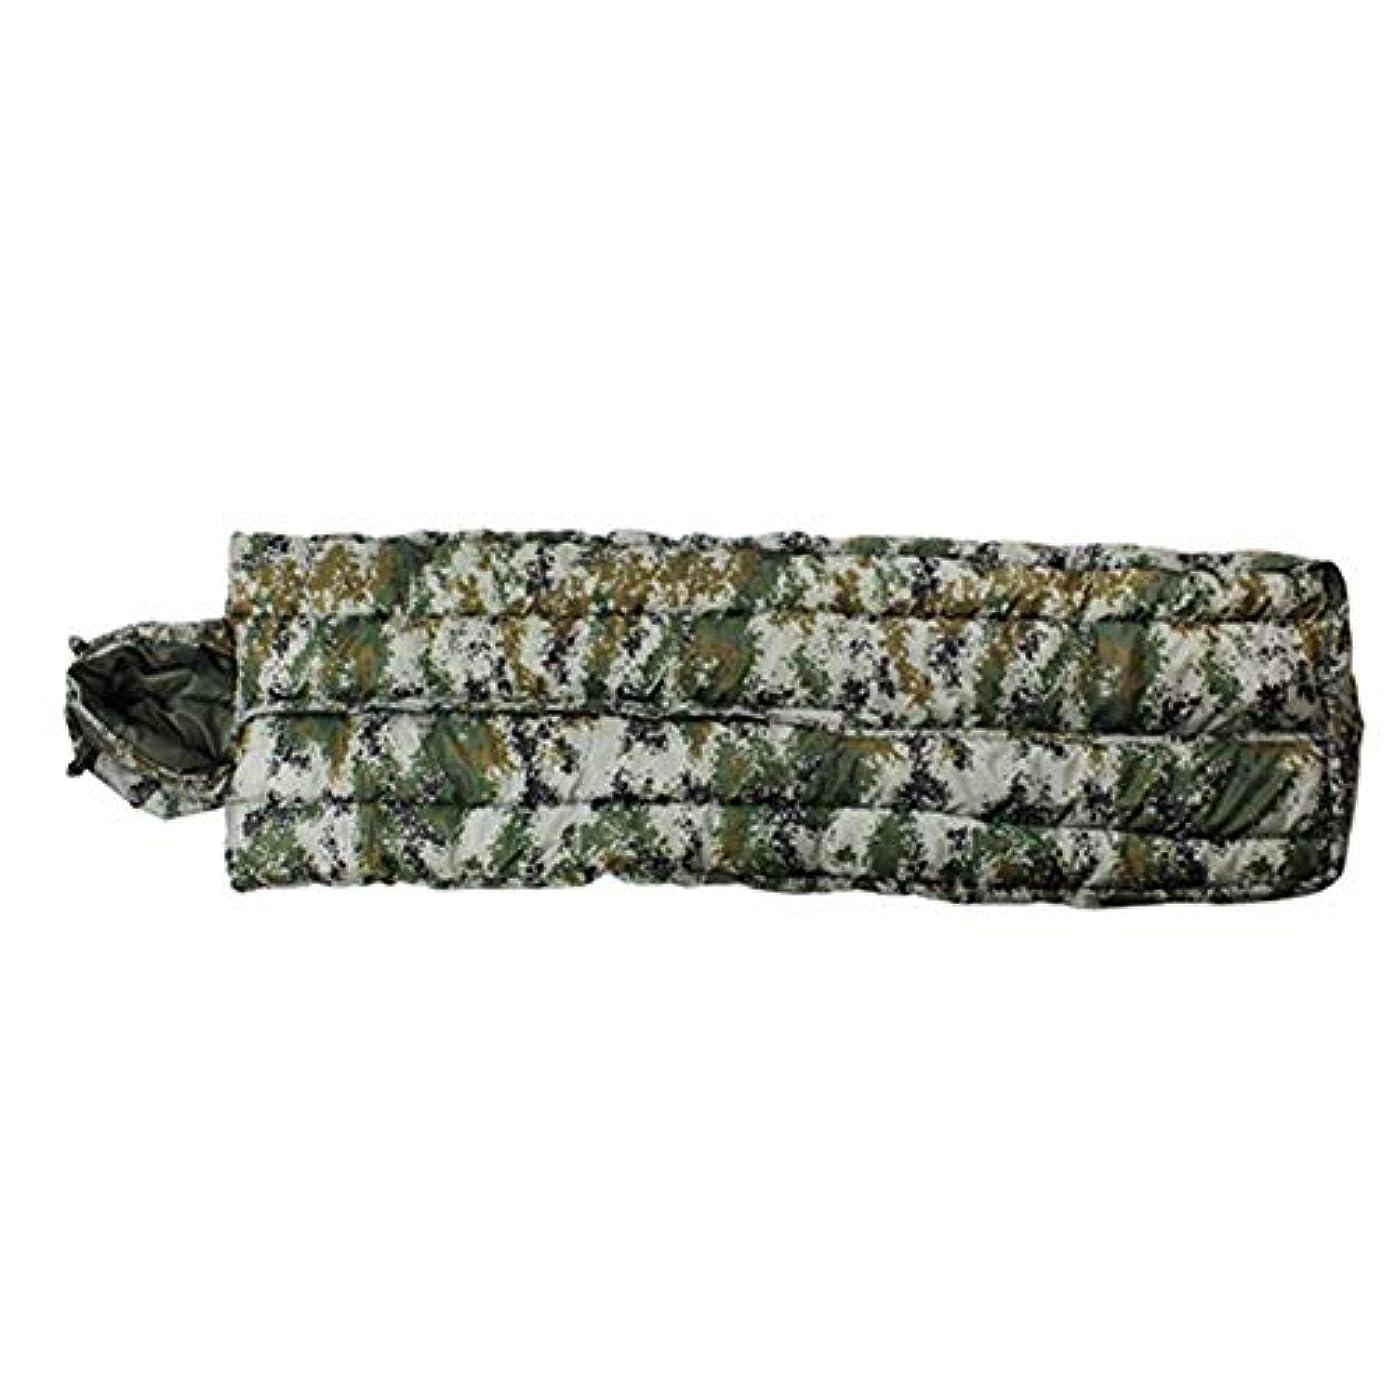 地下蒸し器シェード迷彩キャンプ寝袋帽子軽量コンパクト暖かい室内用スリーピングパッド大人用ハイキングバックパックアウトドアアクティビティ(カラー:B)